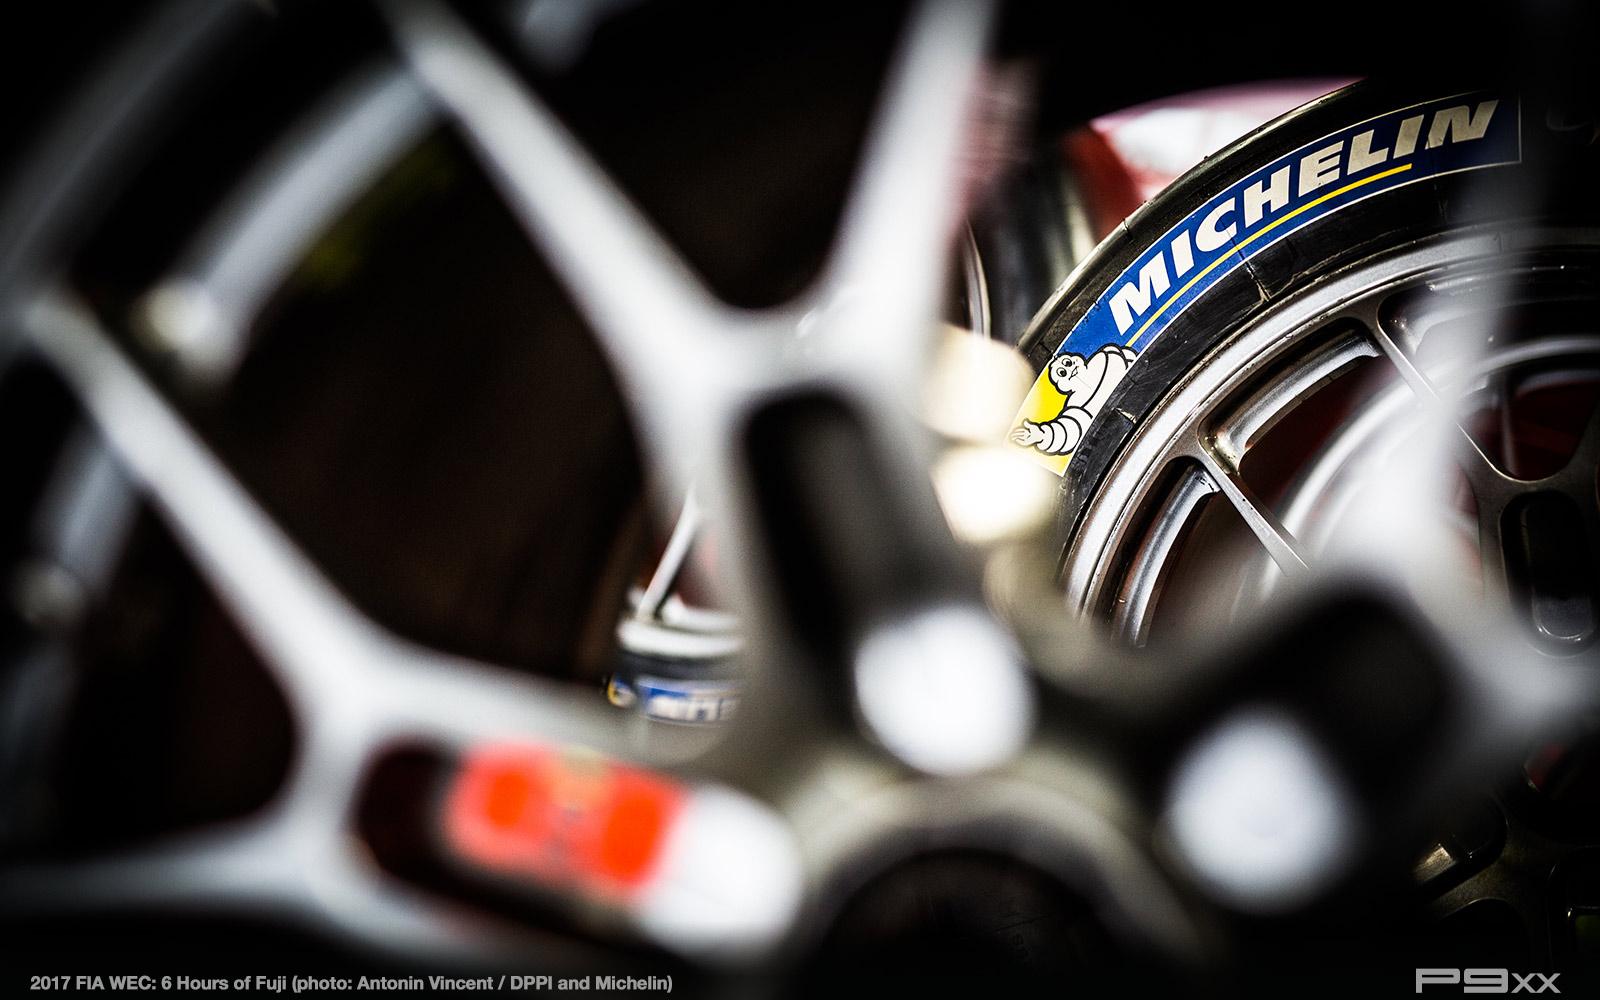 2017-FIA-WEC-6h-of-Fuji-Porsche-Fuji_02117011_1512304